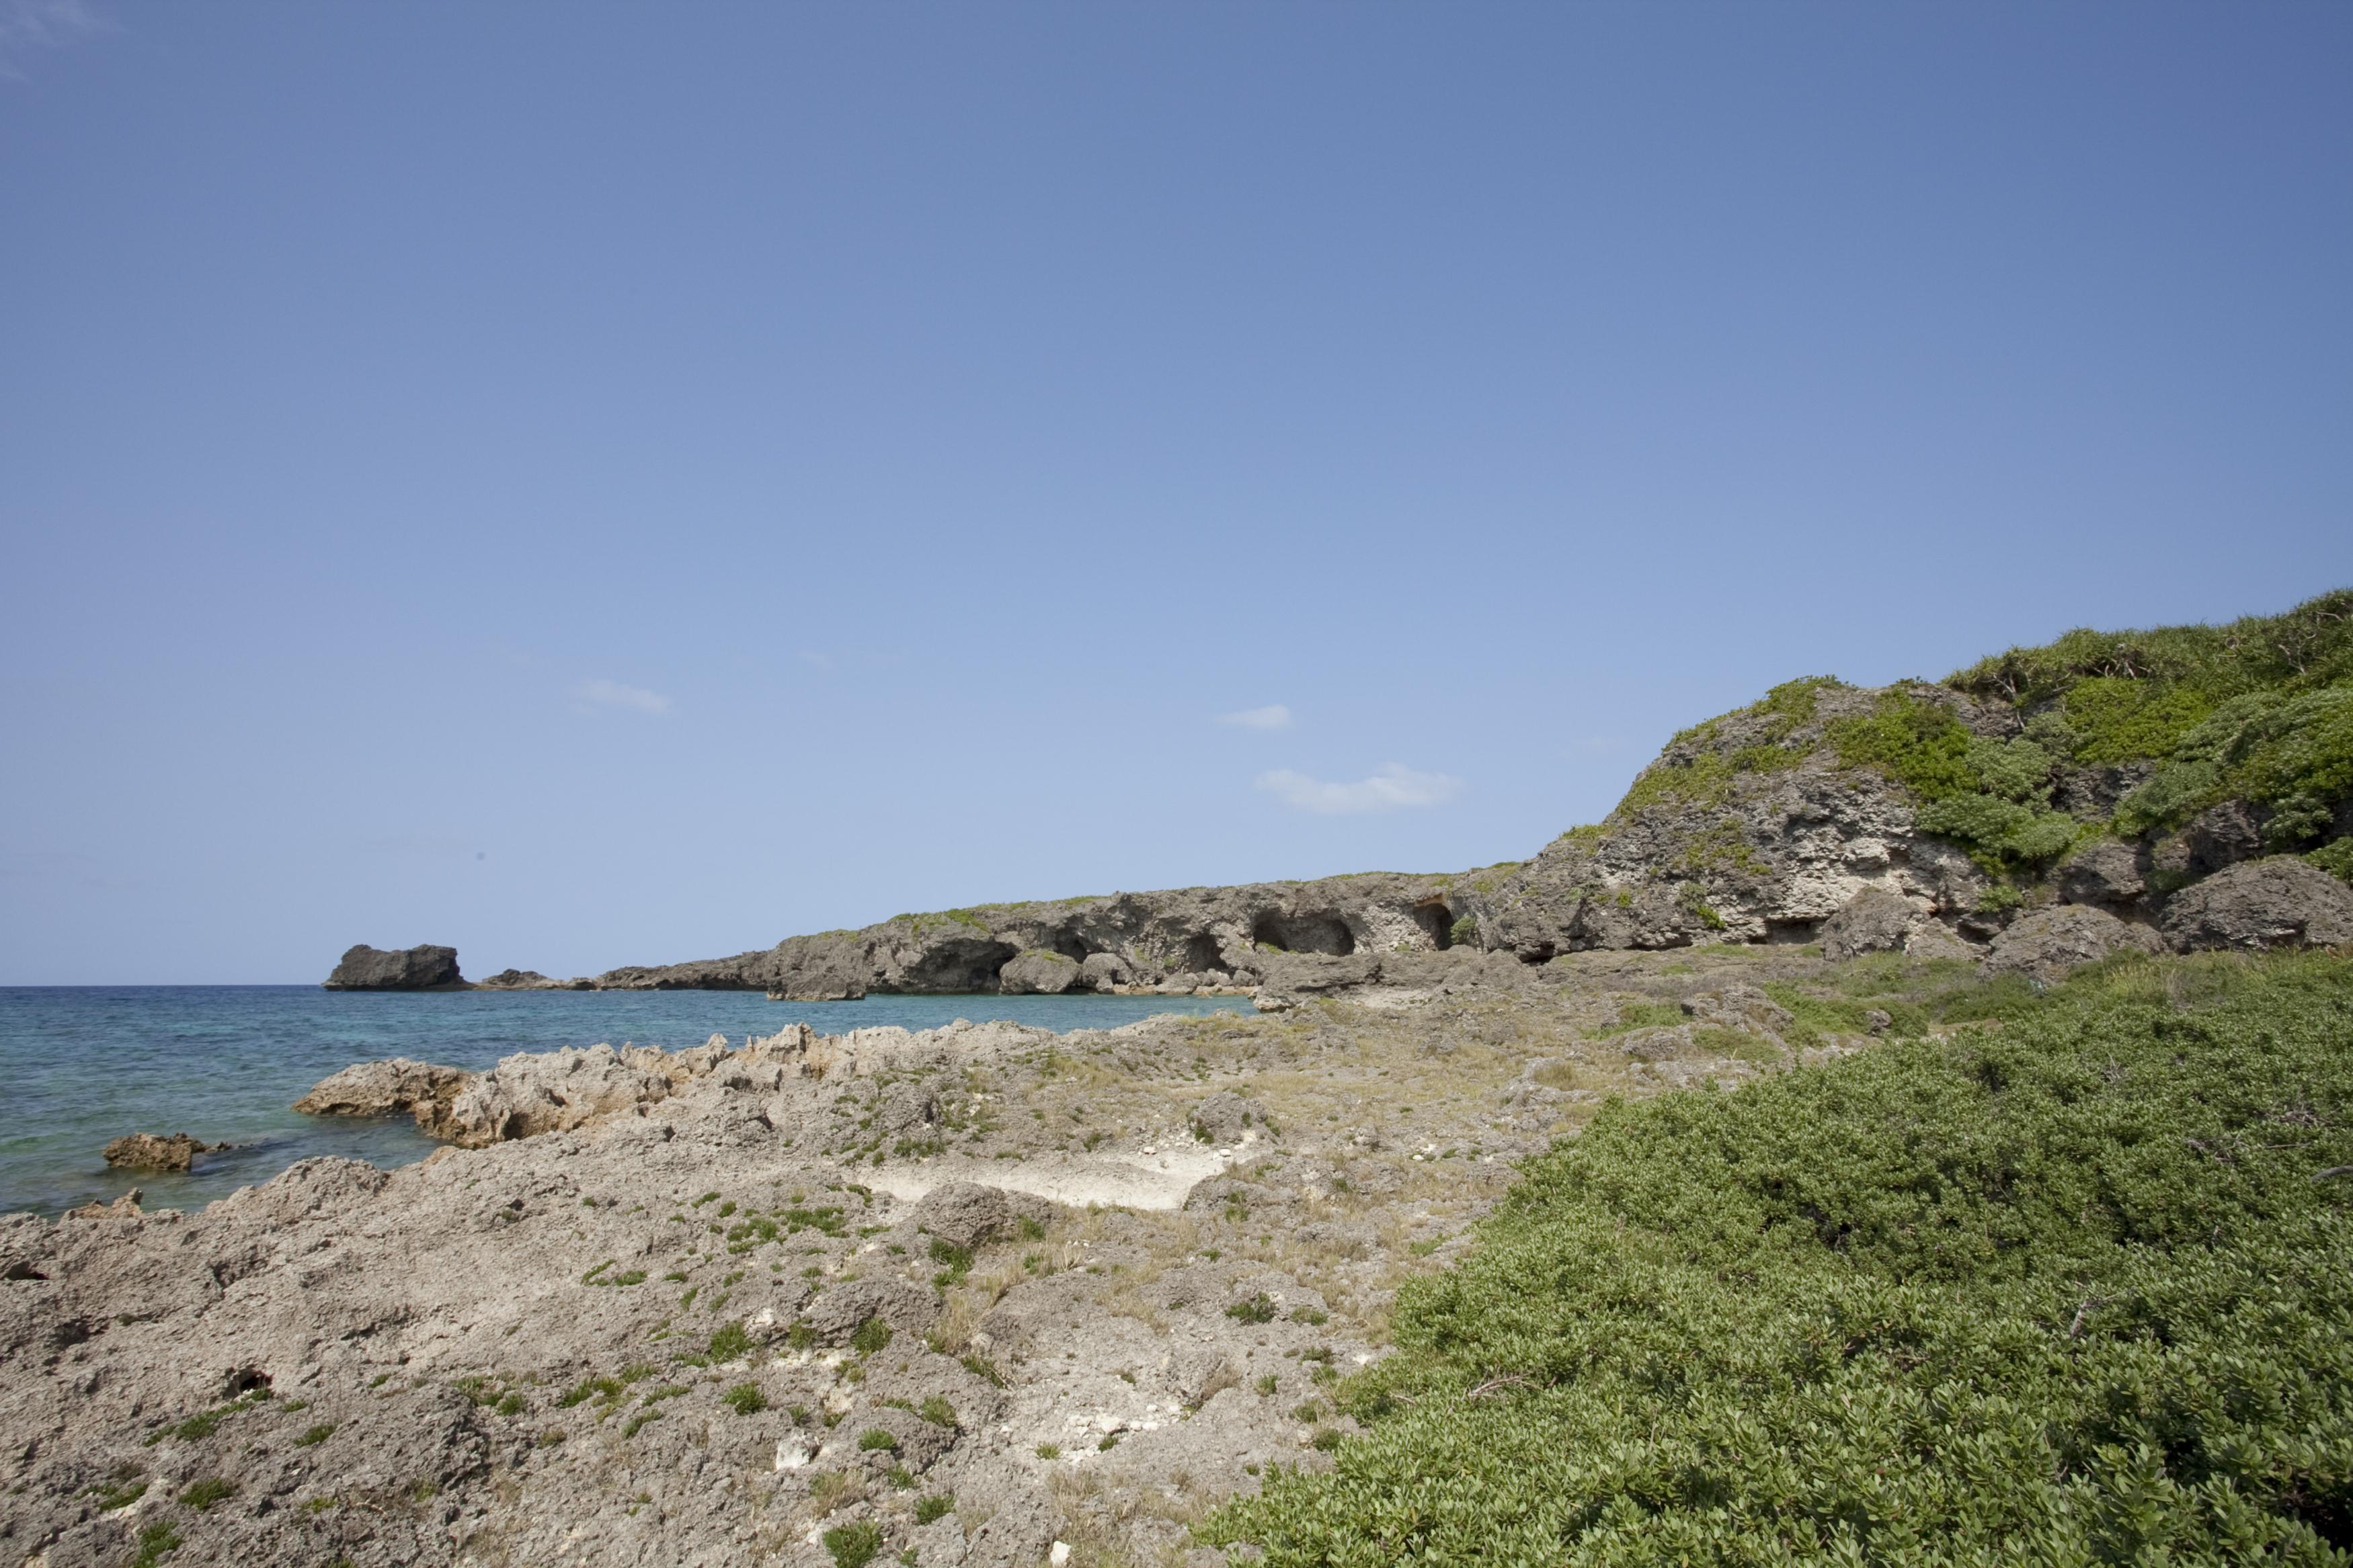 中の島ビーチ - OCVB Okinawa Film Office OCVB Okinawa Film Office